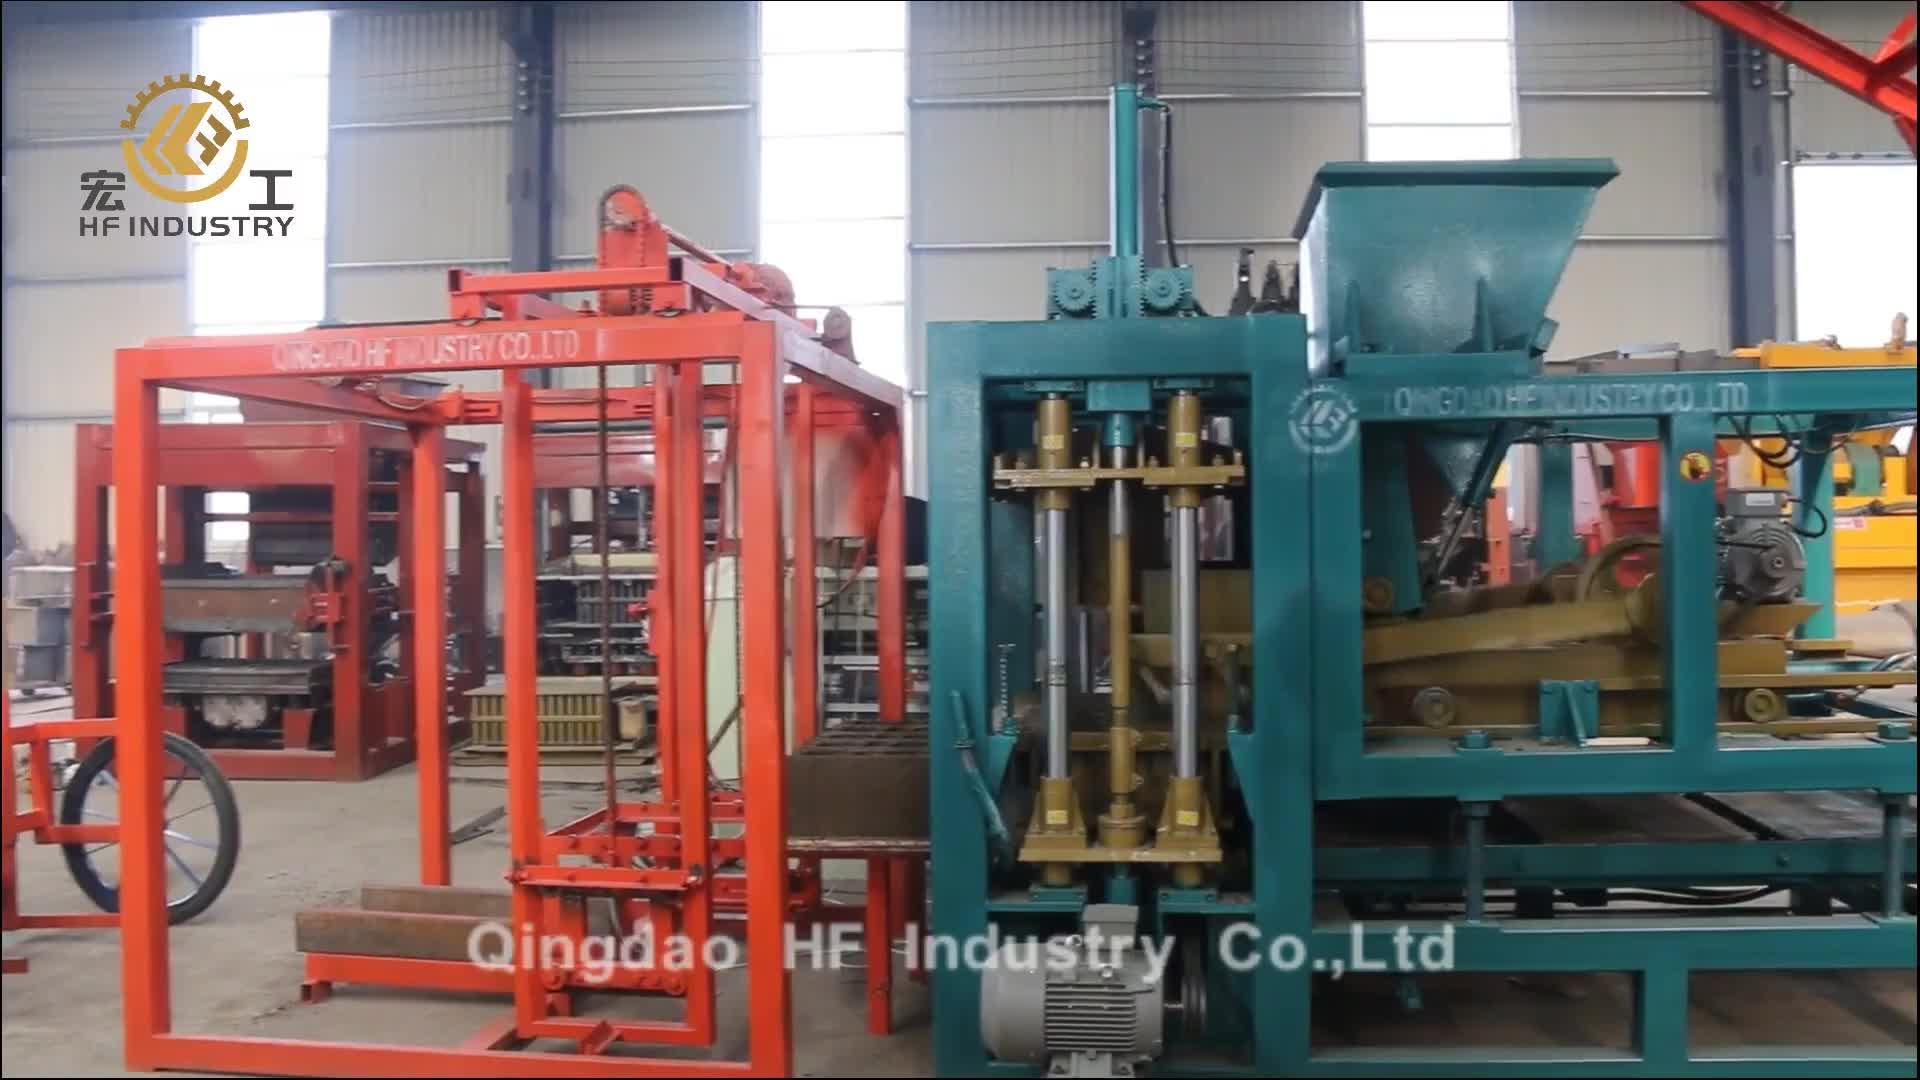 QT4-16 çin tam otomatik hidrolik beton çimento içi boş kilitli parke taşı tuğla blok yapma makinesi satılık